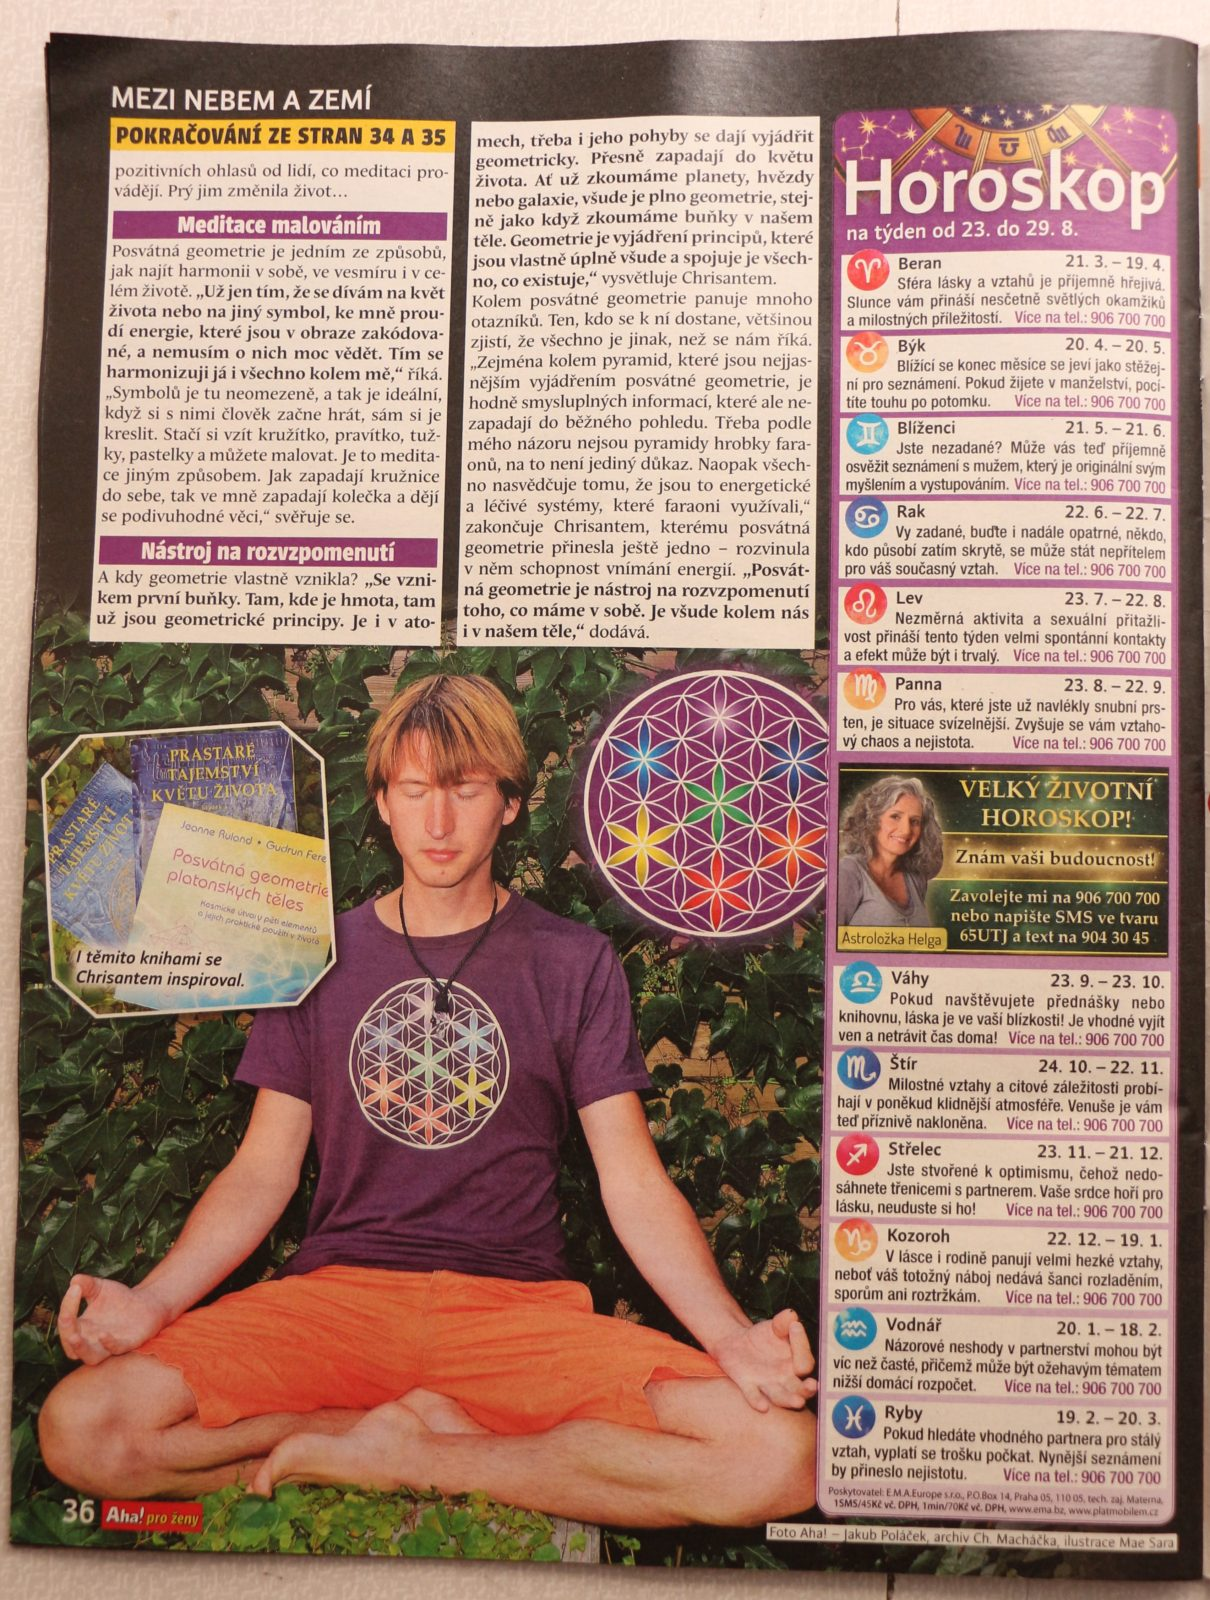 Článek o posvátné geometrii v časopise Aha! pro ženy